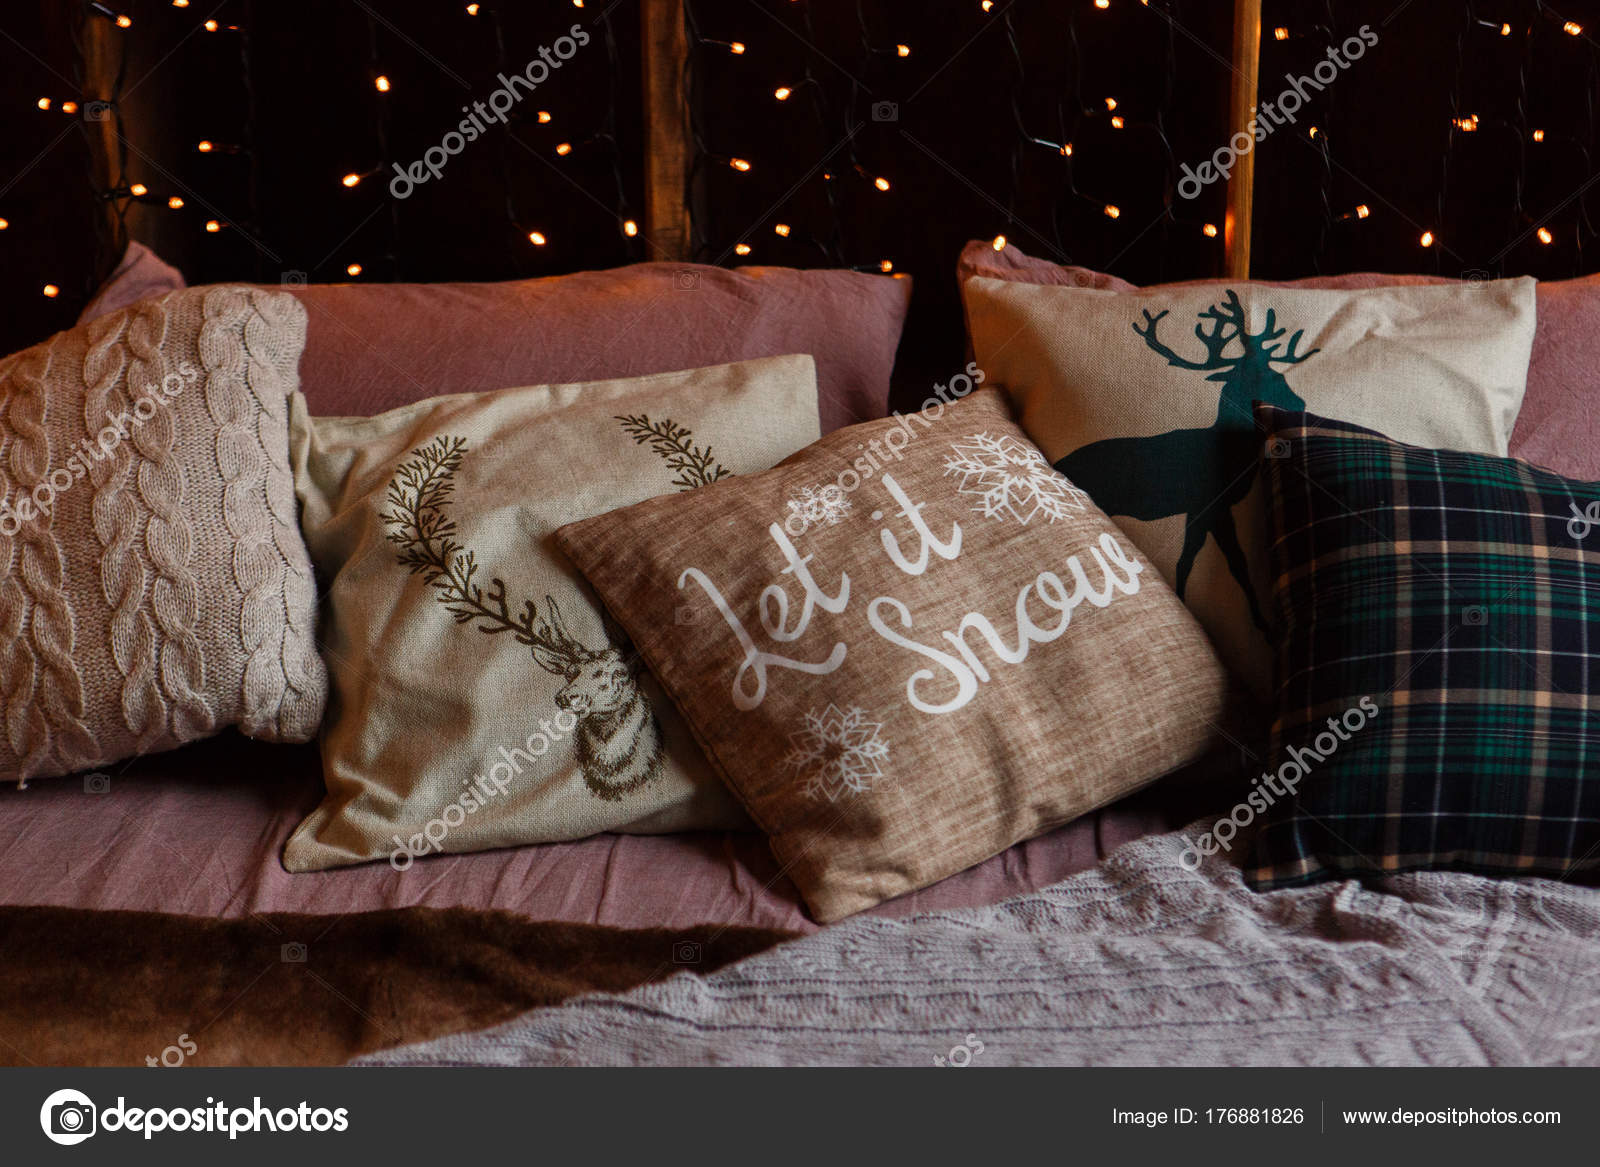 Kerst gezelligheid s avonds kussens op de bank met garland lichte